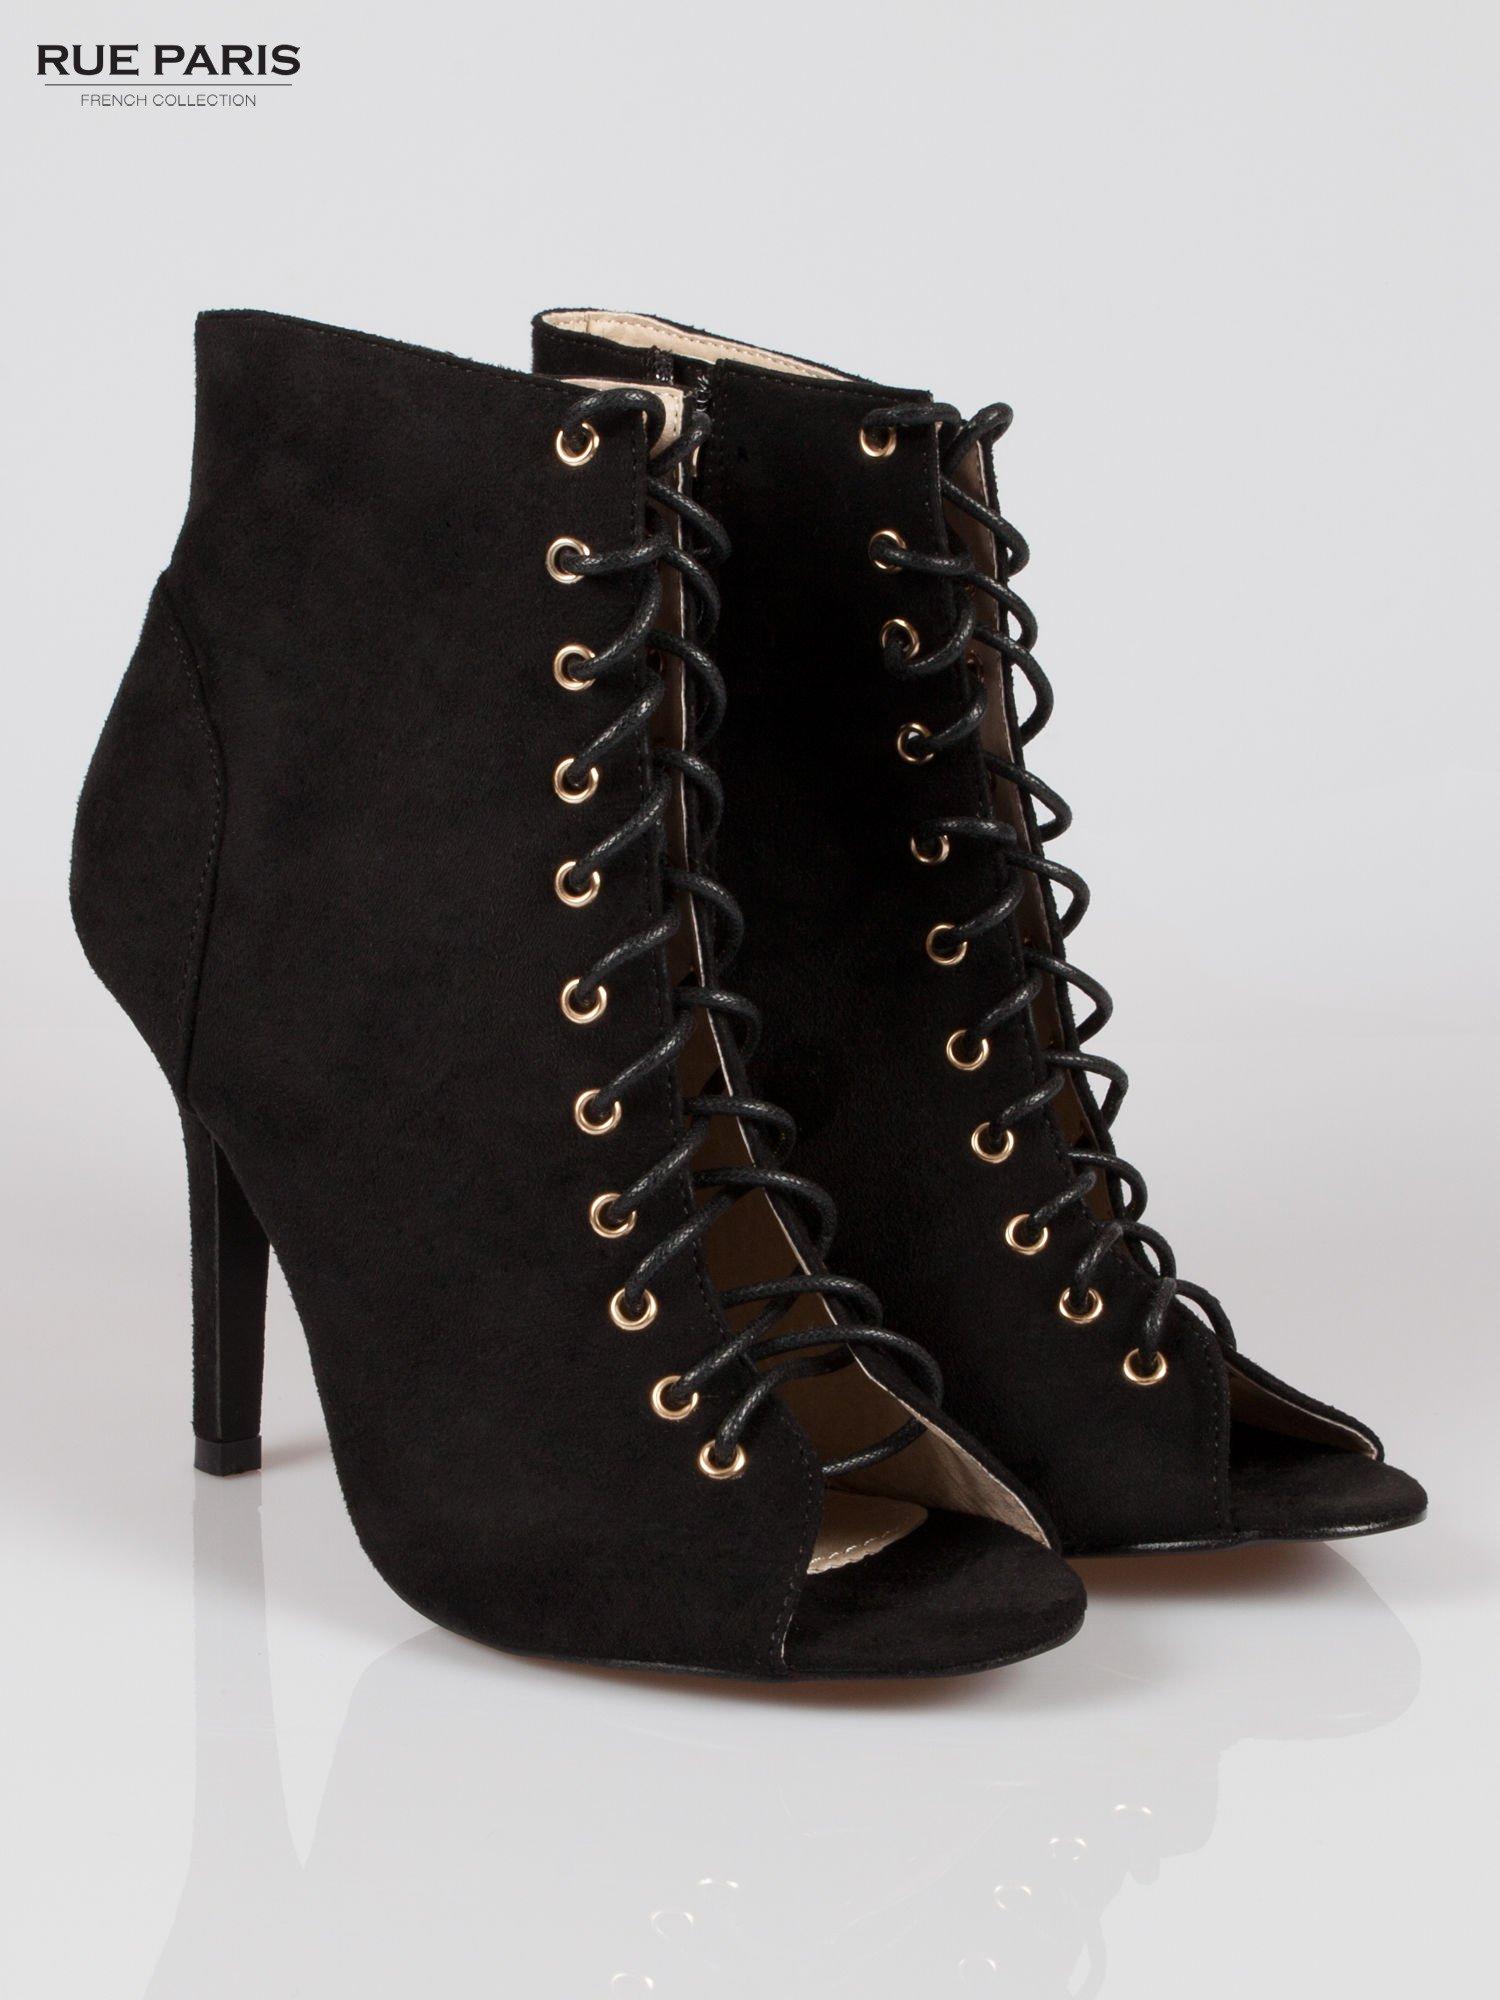 Czarne zamszowe sznurowane botki lace up                                  zdj.                                  2